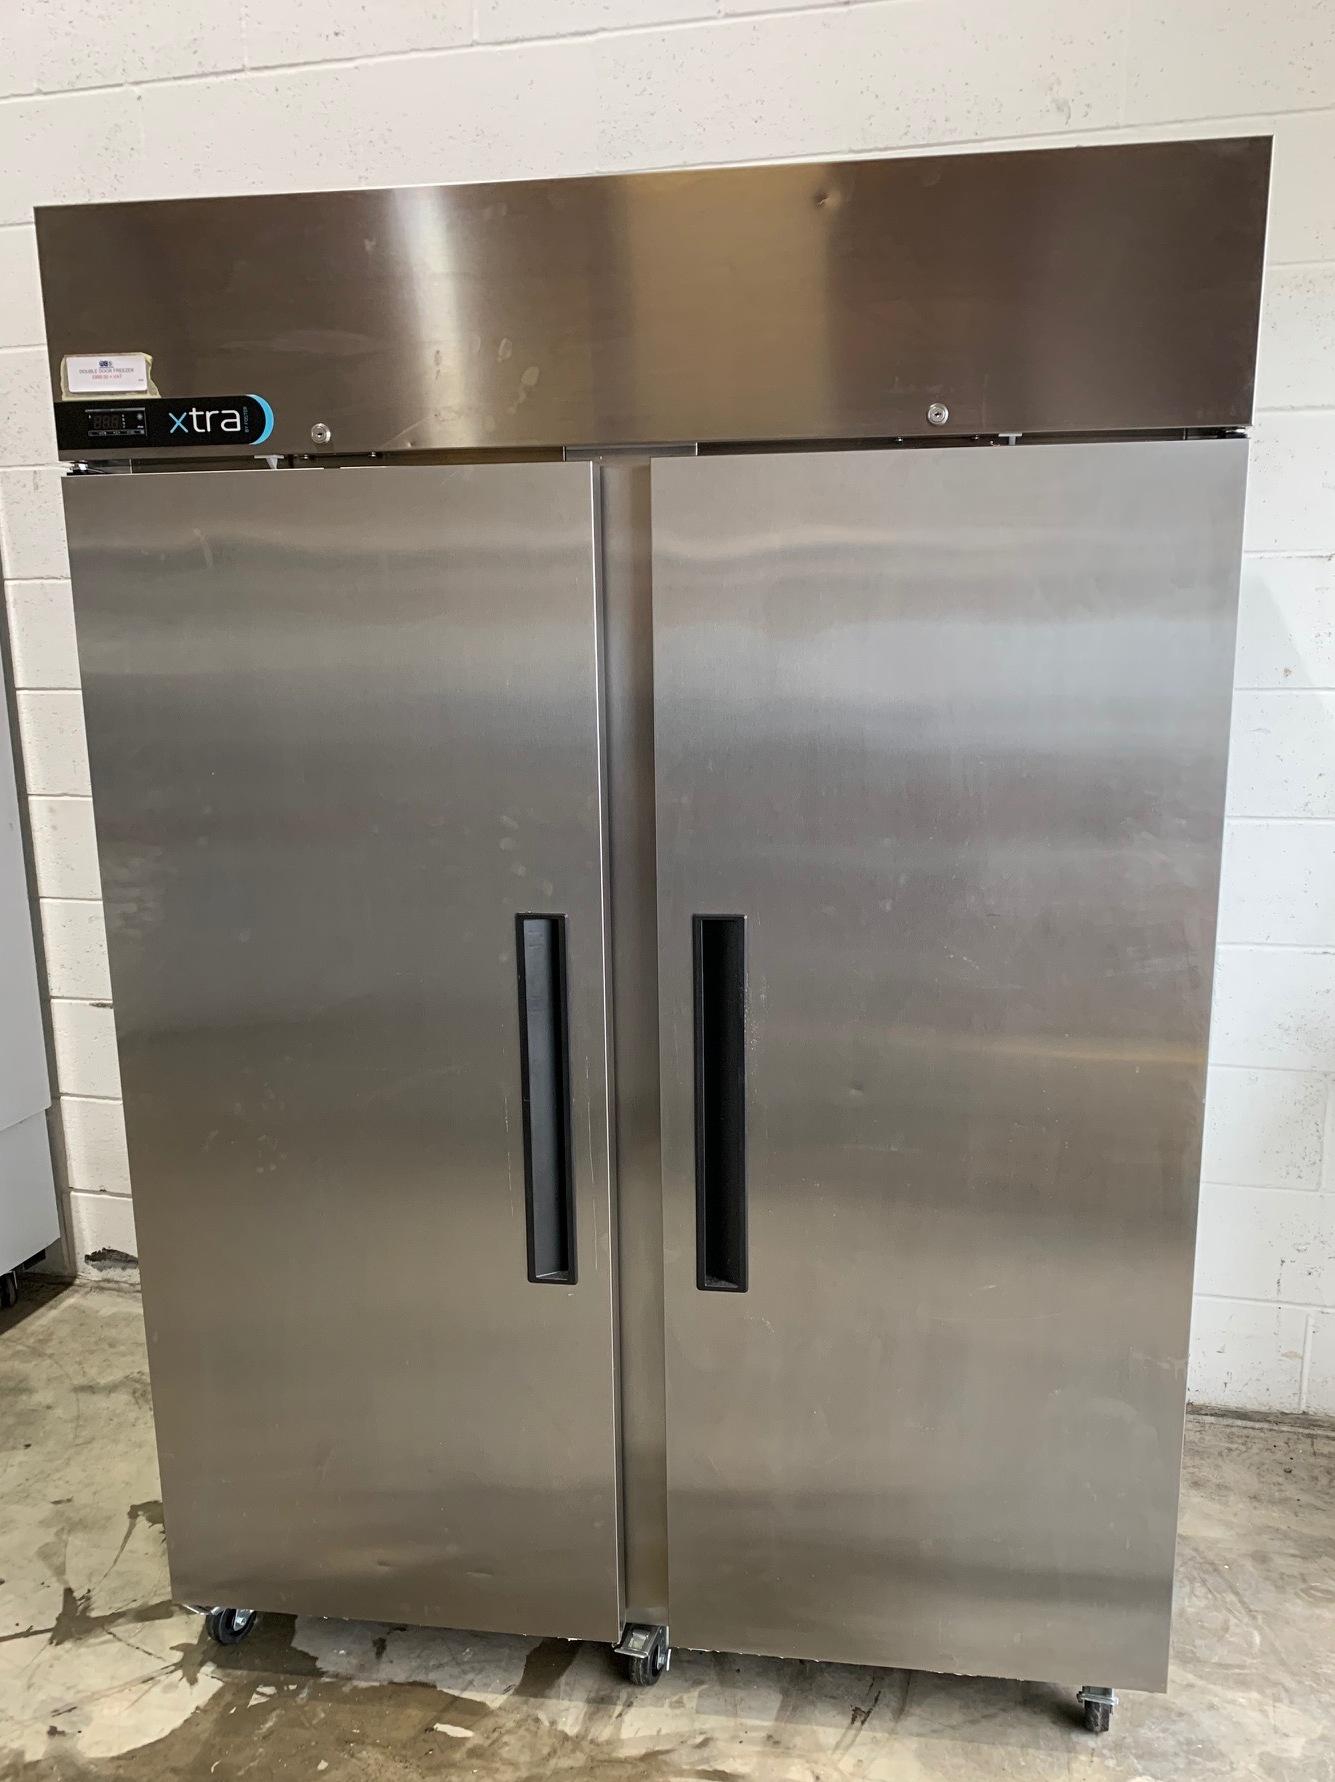 Foster Xtra double door freezer